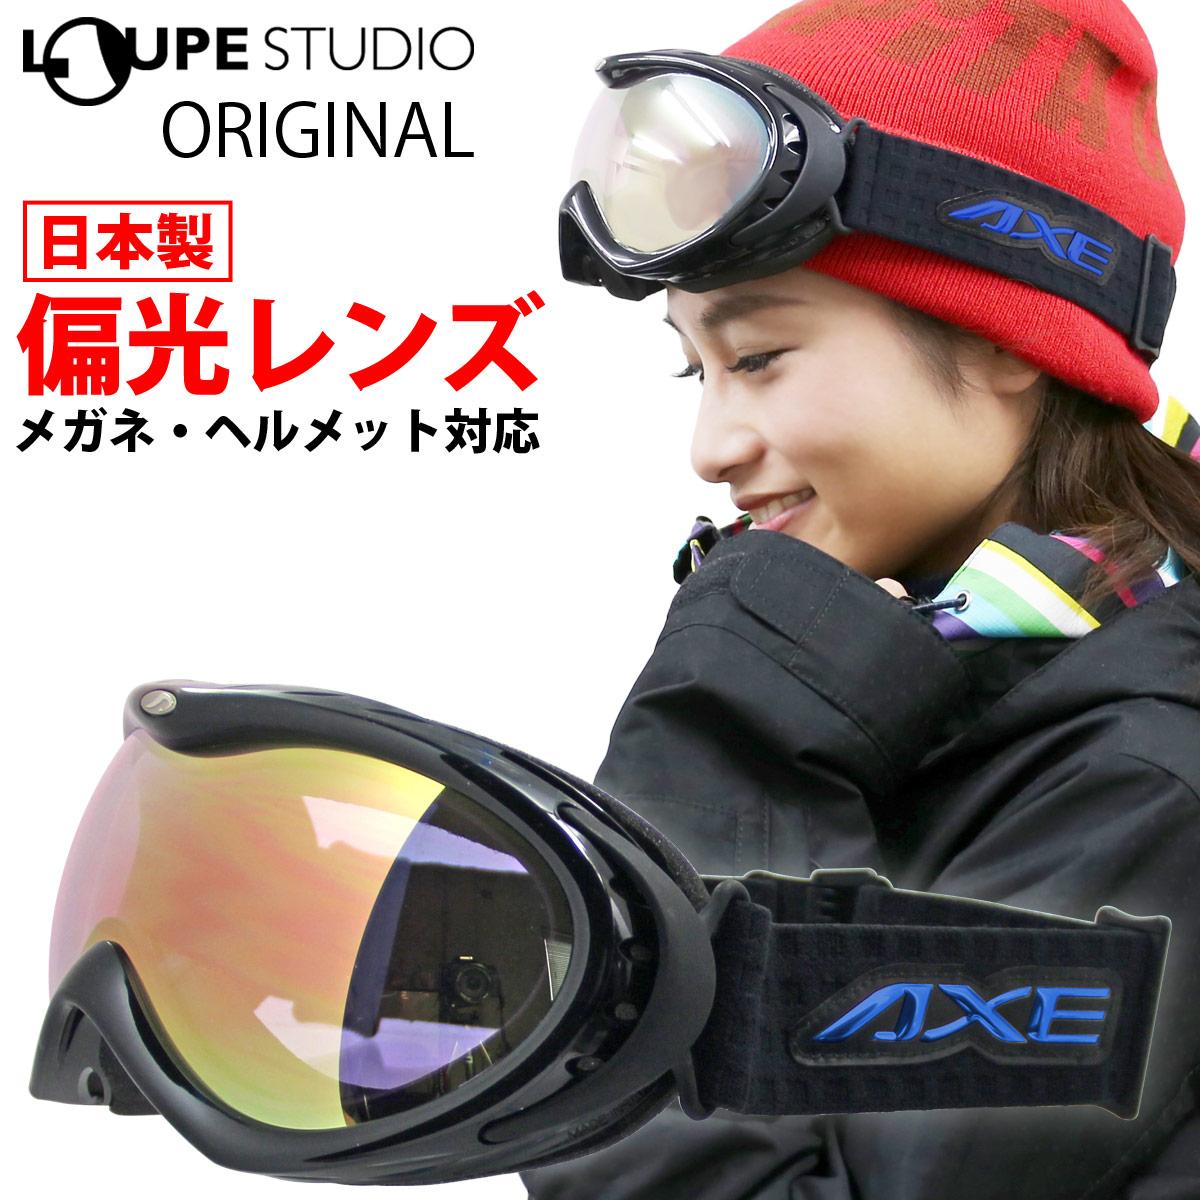 ゴーグル スノーボード 偏光レンズ ミラー [当店オリジナルモデル] ダブルレンズ 曇り止め機能付き 眼鏡対応 [メガネ] AXE [アックス] スキー ゴーグル AX830-WMP-I スノーゴーグル メガネ対応 アックス